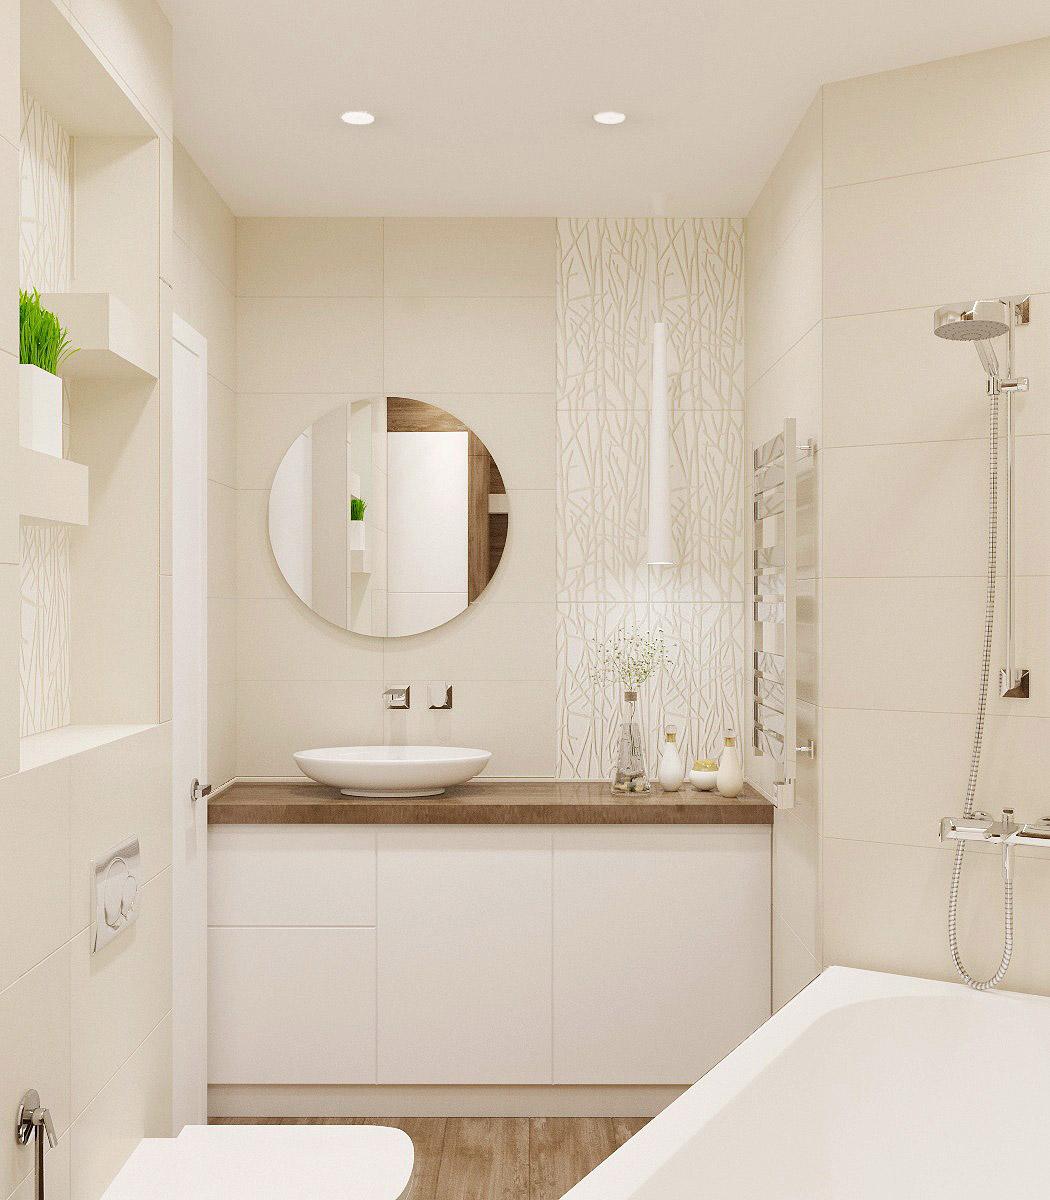 Дизайн ванної кімнати | проект Глушкова